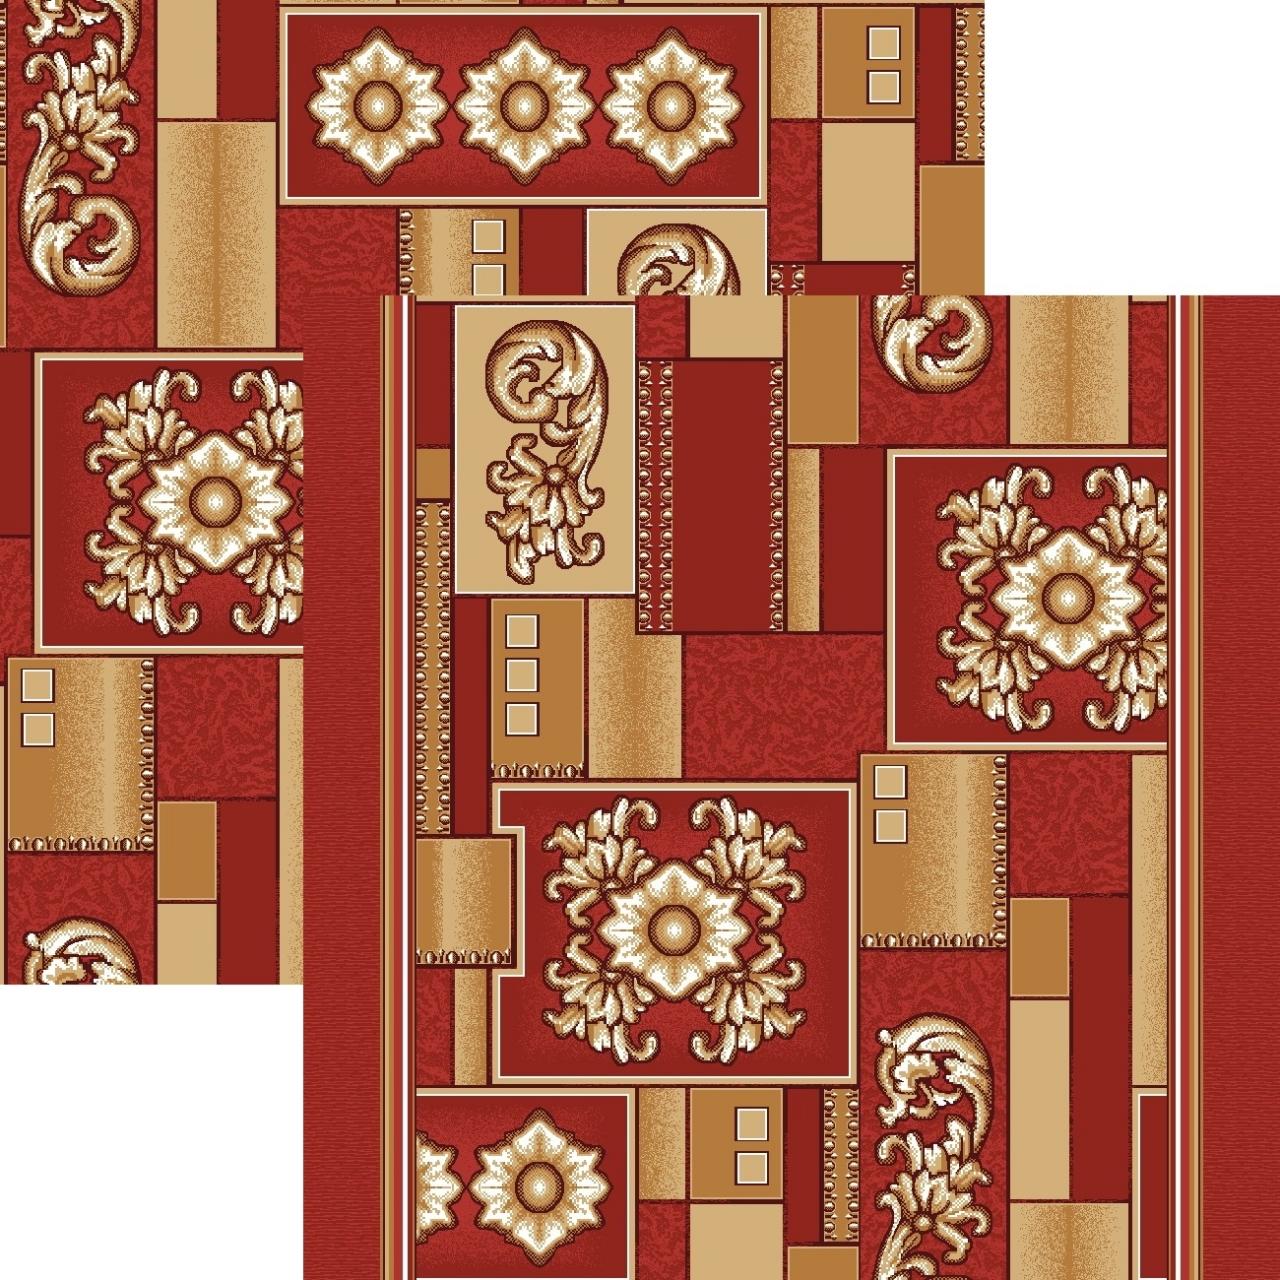 Ковер p1519a5p - 45 - Прямоугольник - коллекция принт обр 8-ми цветное полотно - фото 1